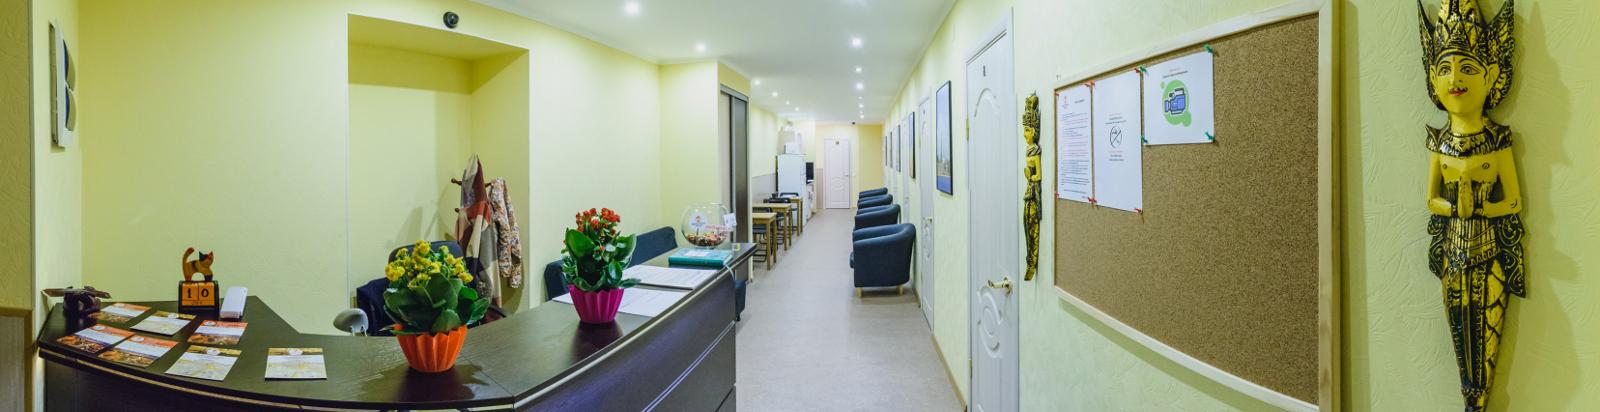 Медицинские центры на северном в ростове